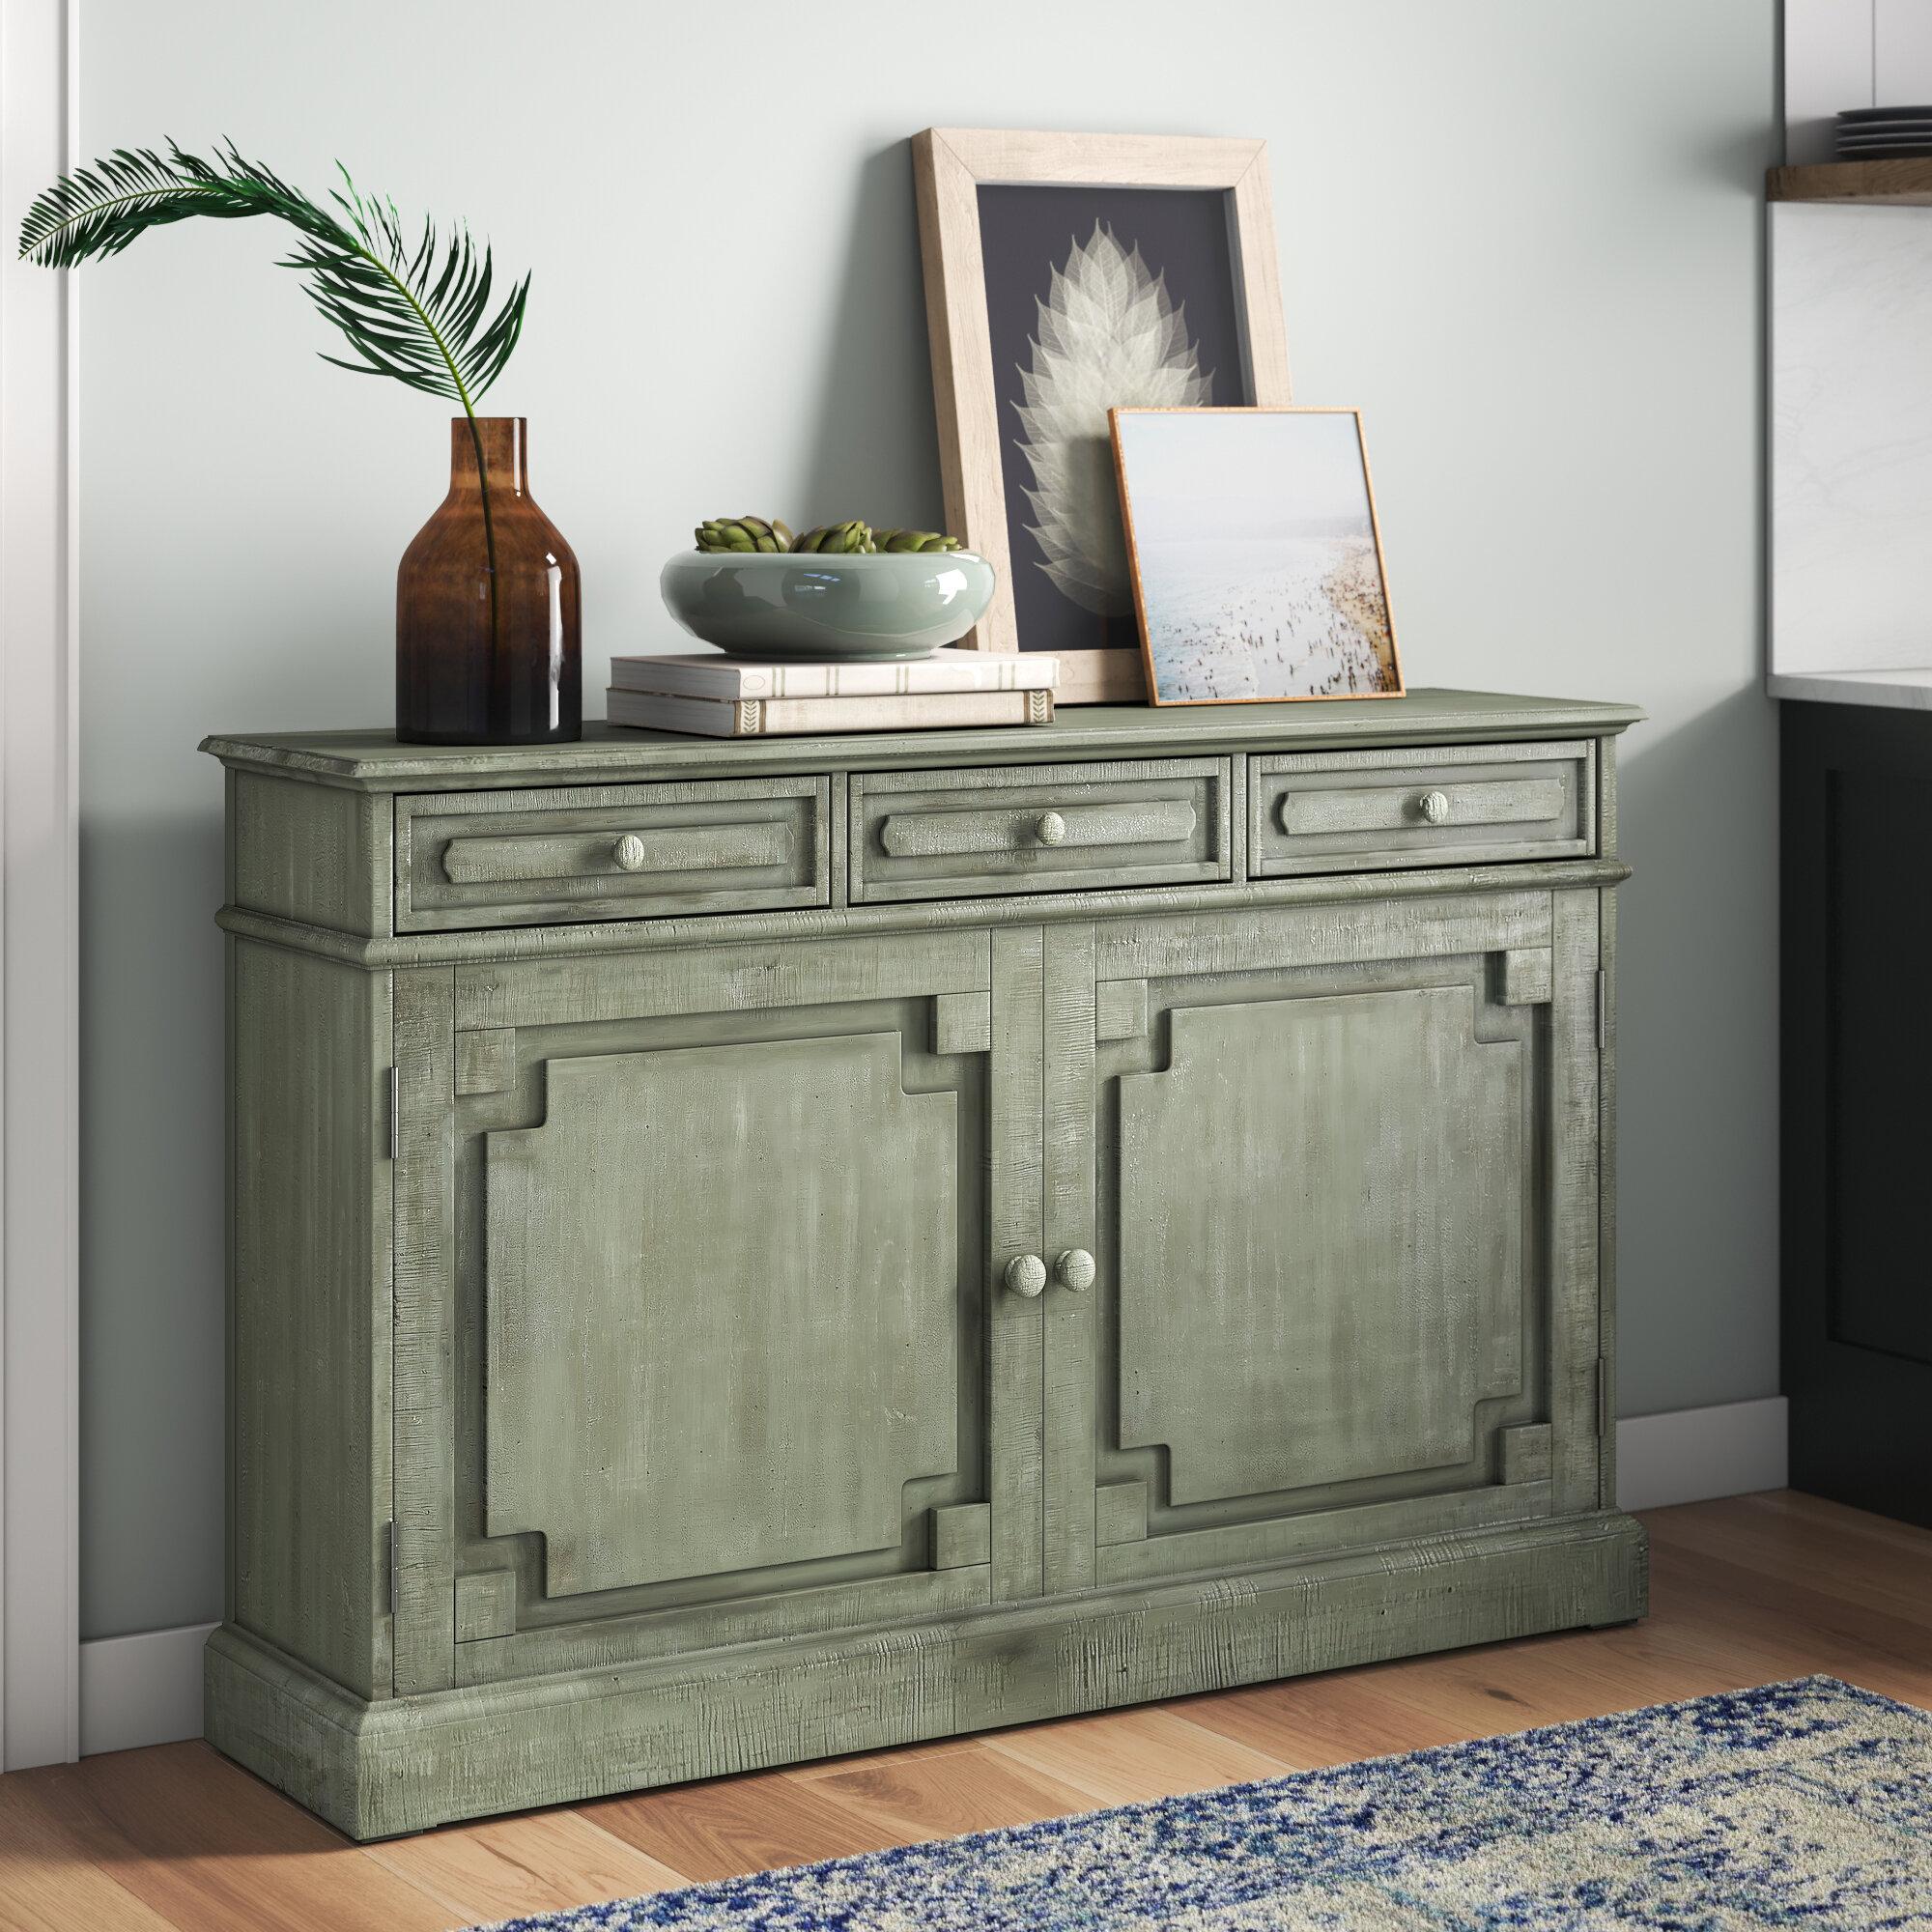 Mistana Adelbert 55 Wide 3 Drawer Pine Wood Sideboard Reviews Wayfair